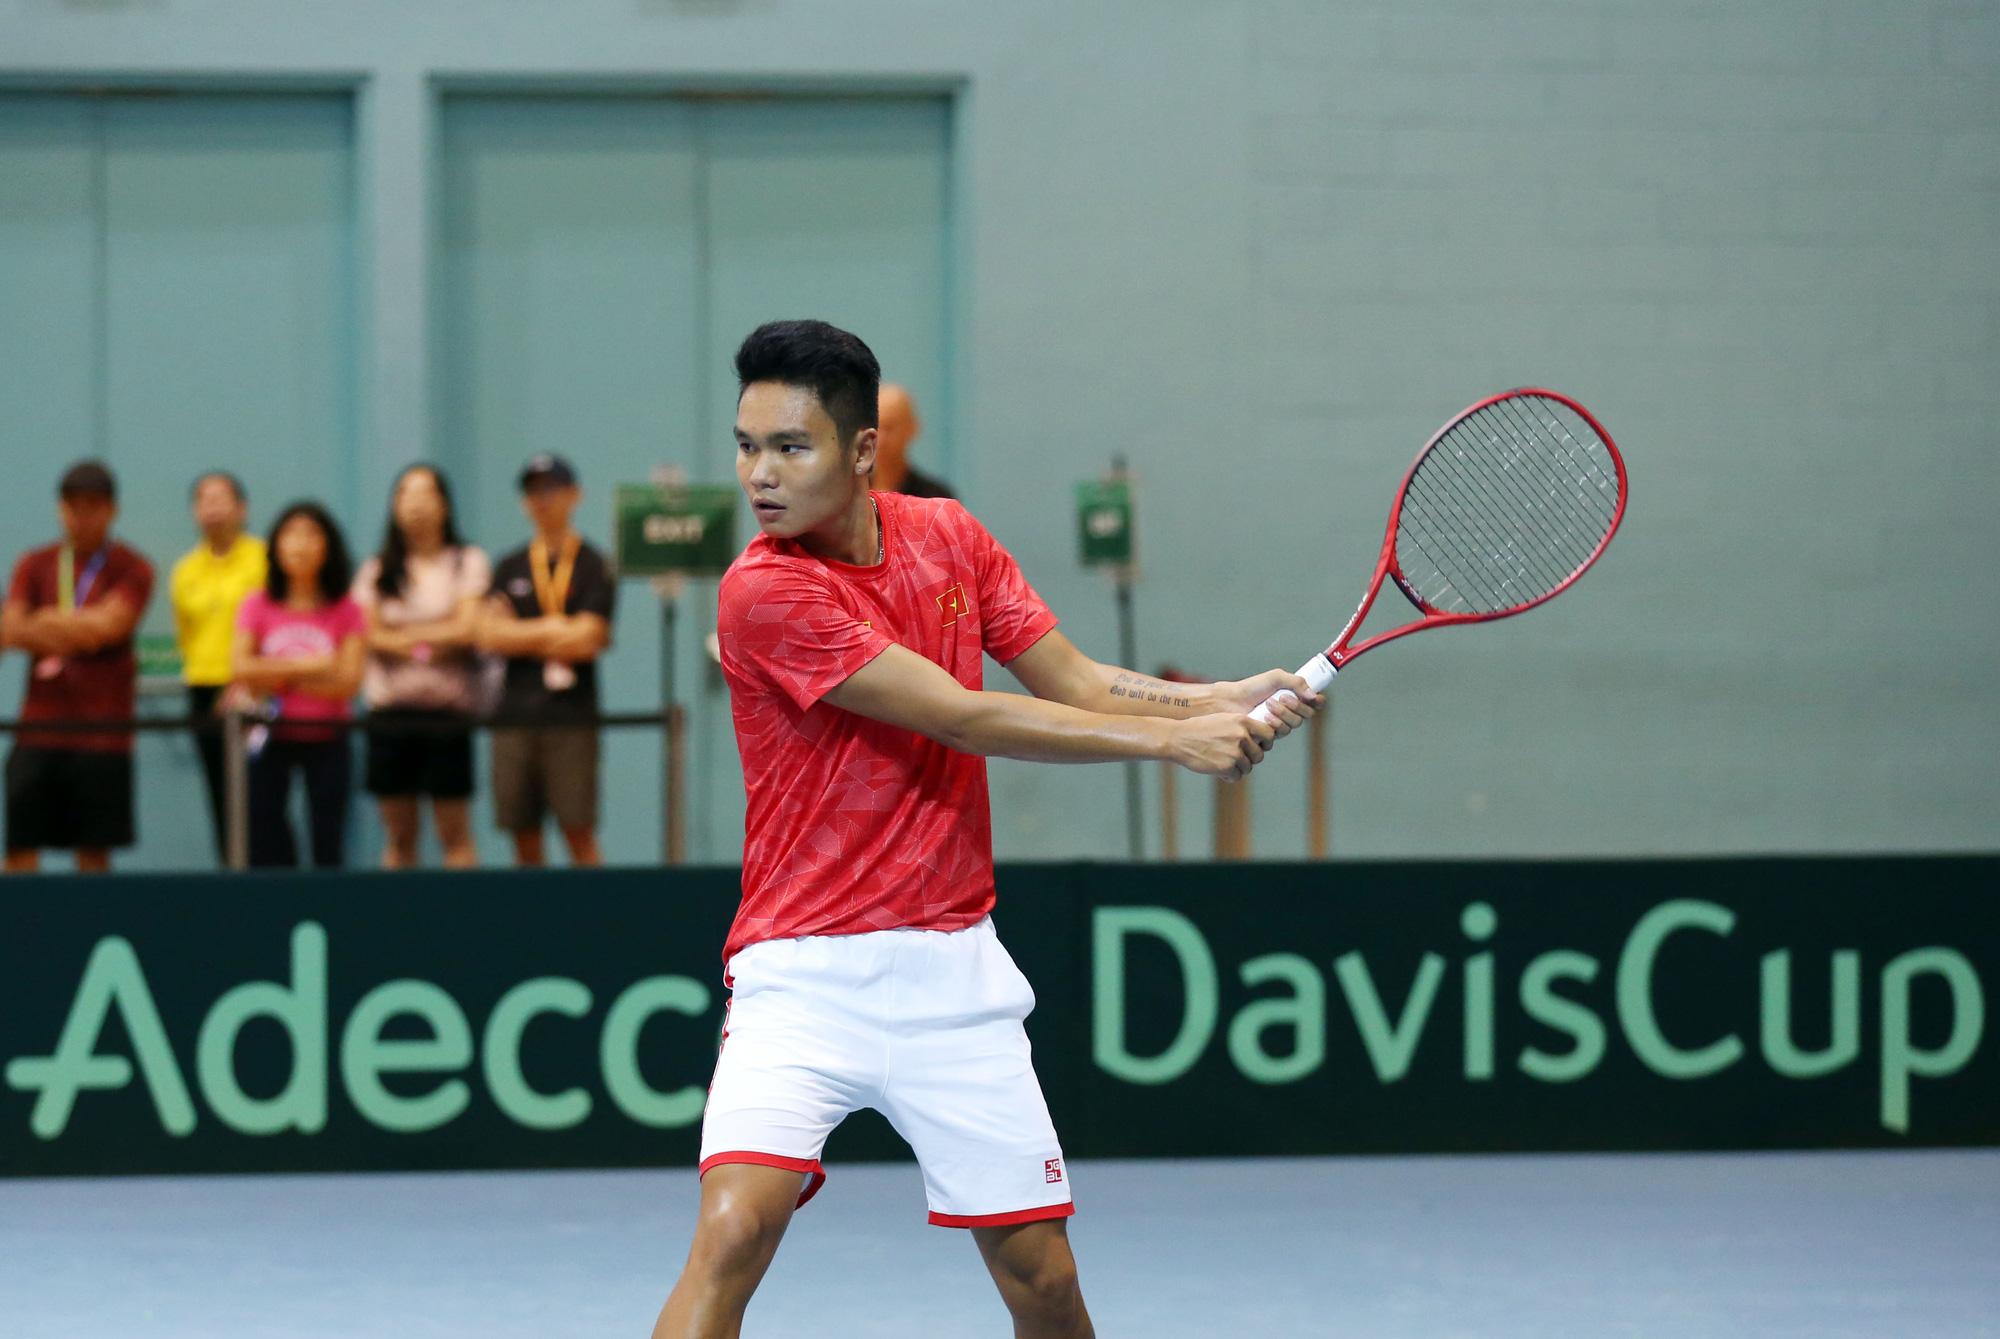 Hình ảnh: Tuyển Paciffic Oceania ấn tượng nhưng Davis Cup Việt Nam mới xuất sắc số 1